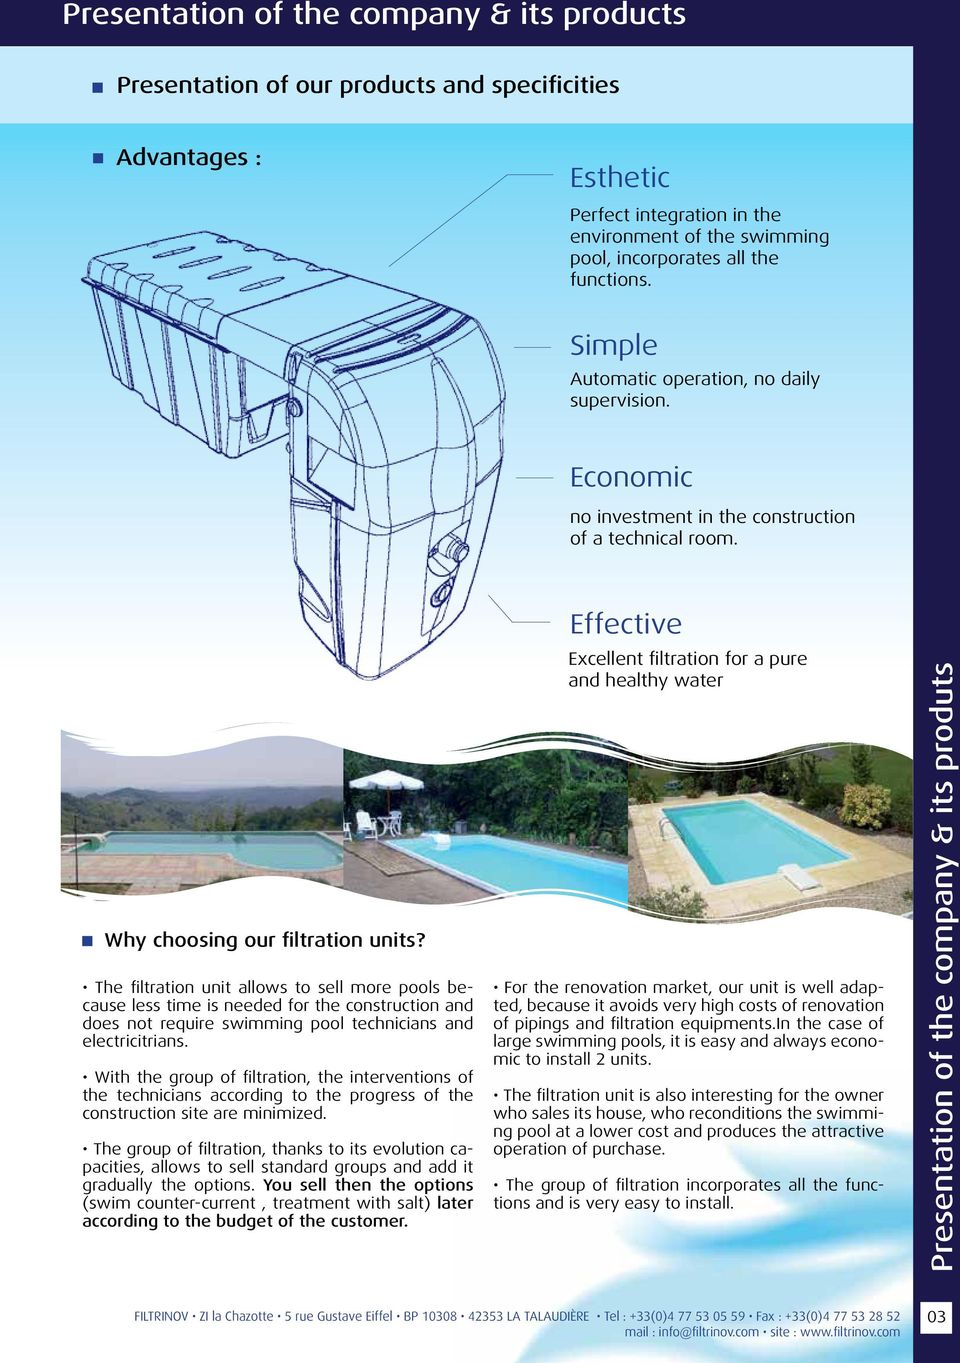 Multifonction Filtration Unit! - Pdf Free Download dedans Piscine La Talaudiere